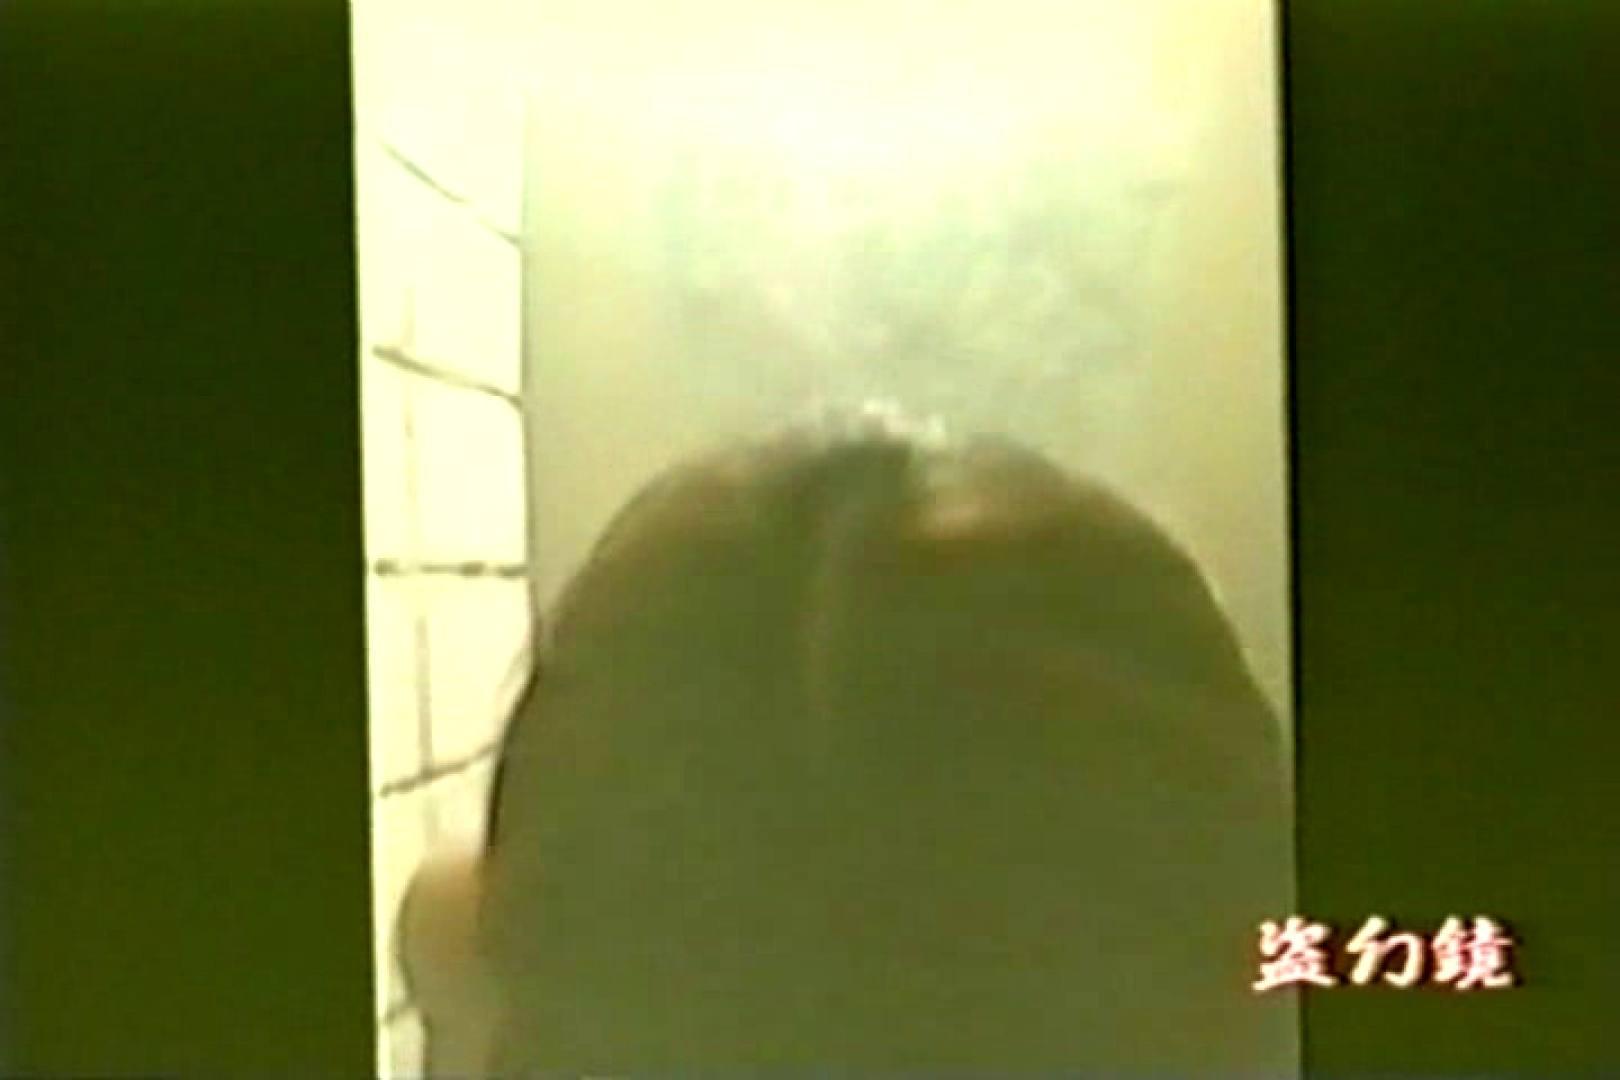 水着ギャル和式女子 MT-4 水着 隠し撮りオマンコ動画紹介 42PICs 27